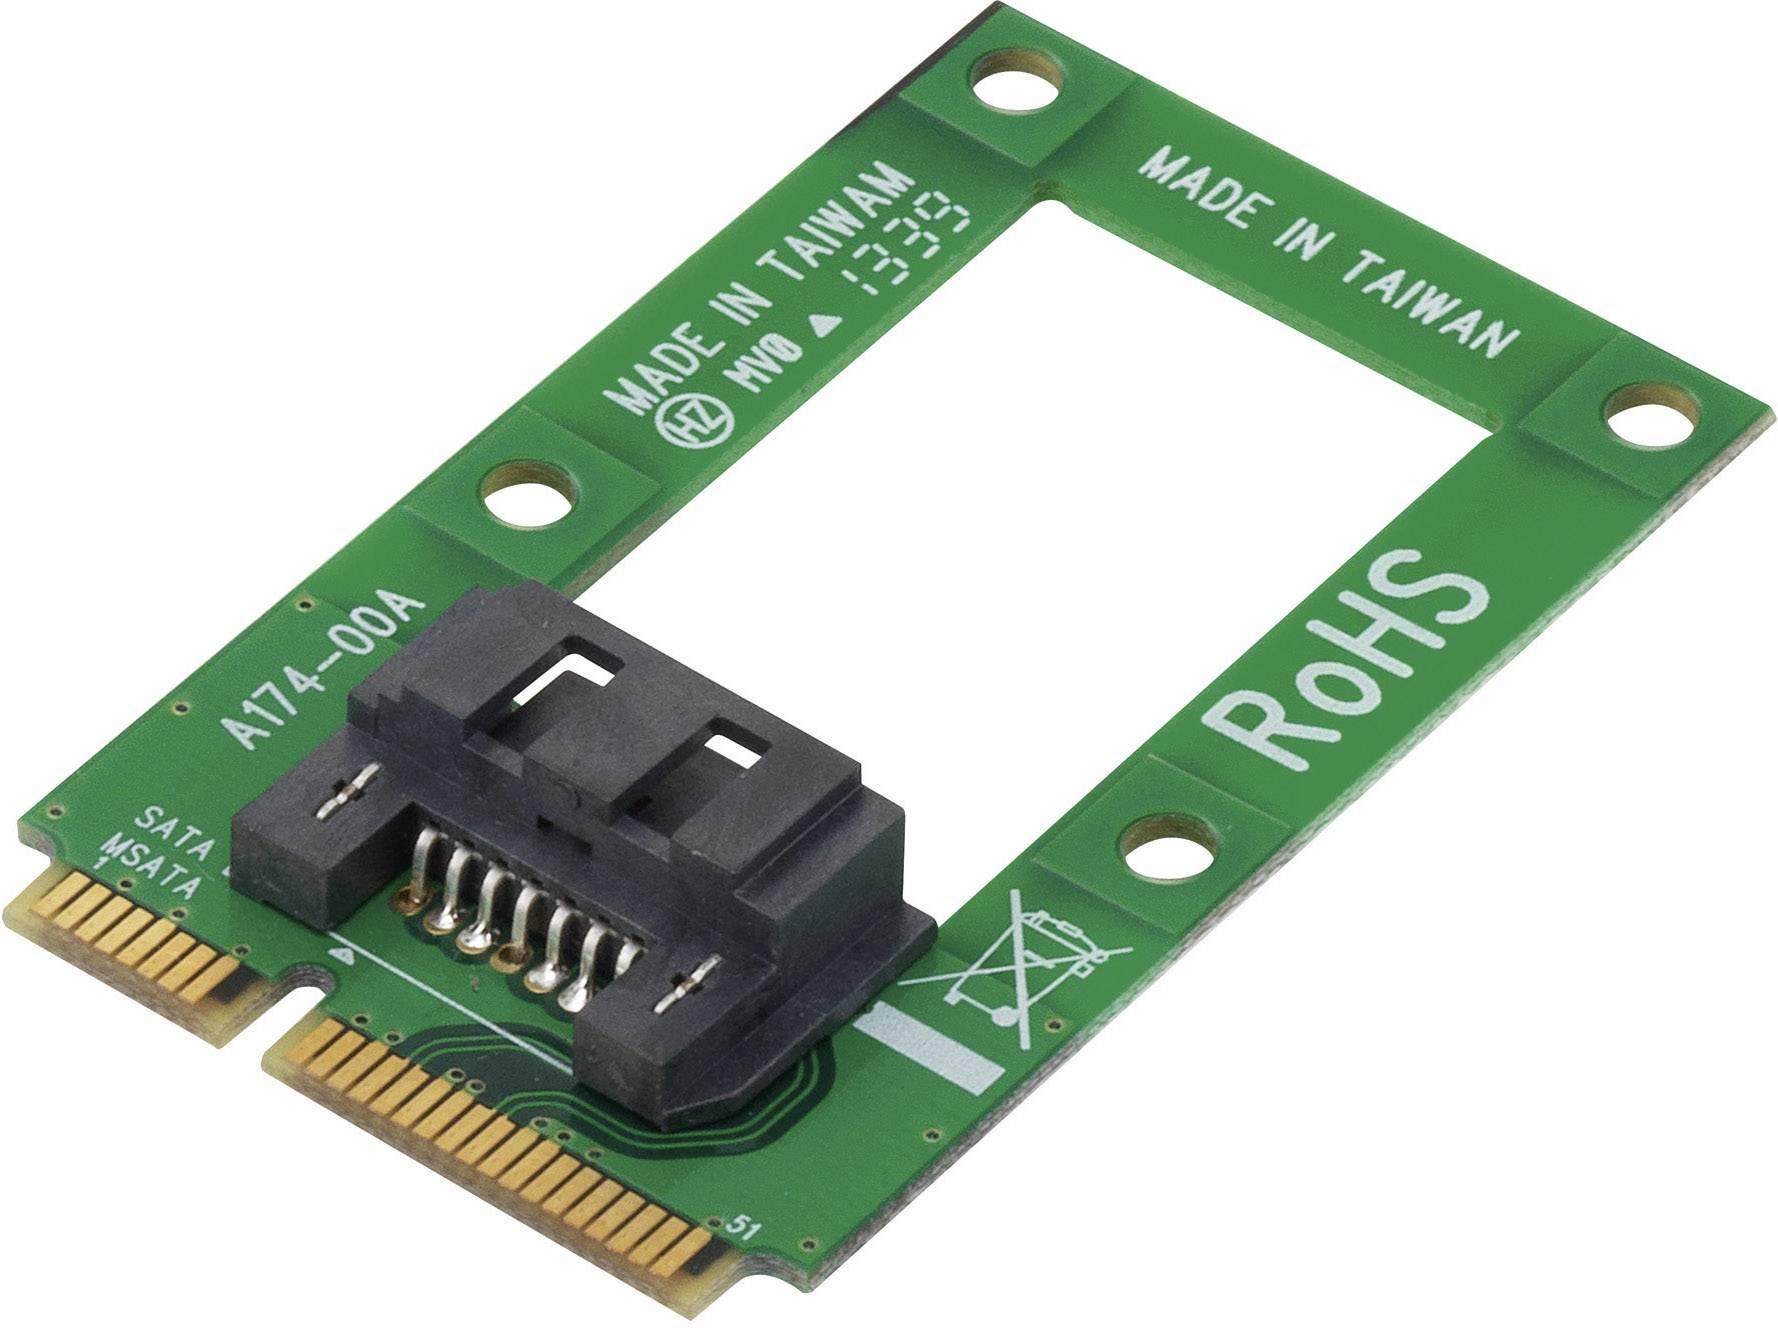 Konvertor rozhrania Renkforce 28554C175 RF-2390052, [1x mini SATA zásuvka - 1x kombinovaná SATA zástrčka 15+7-pólová]